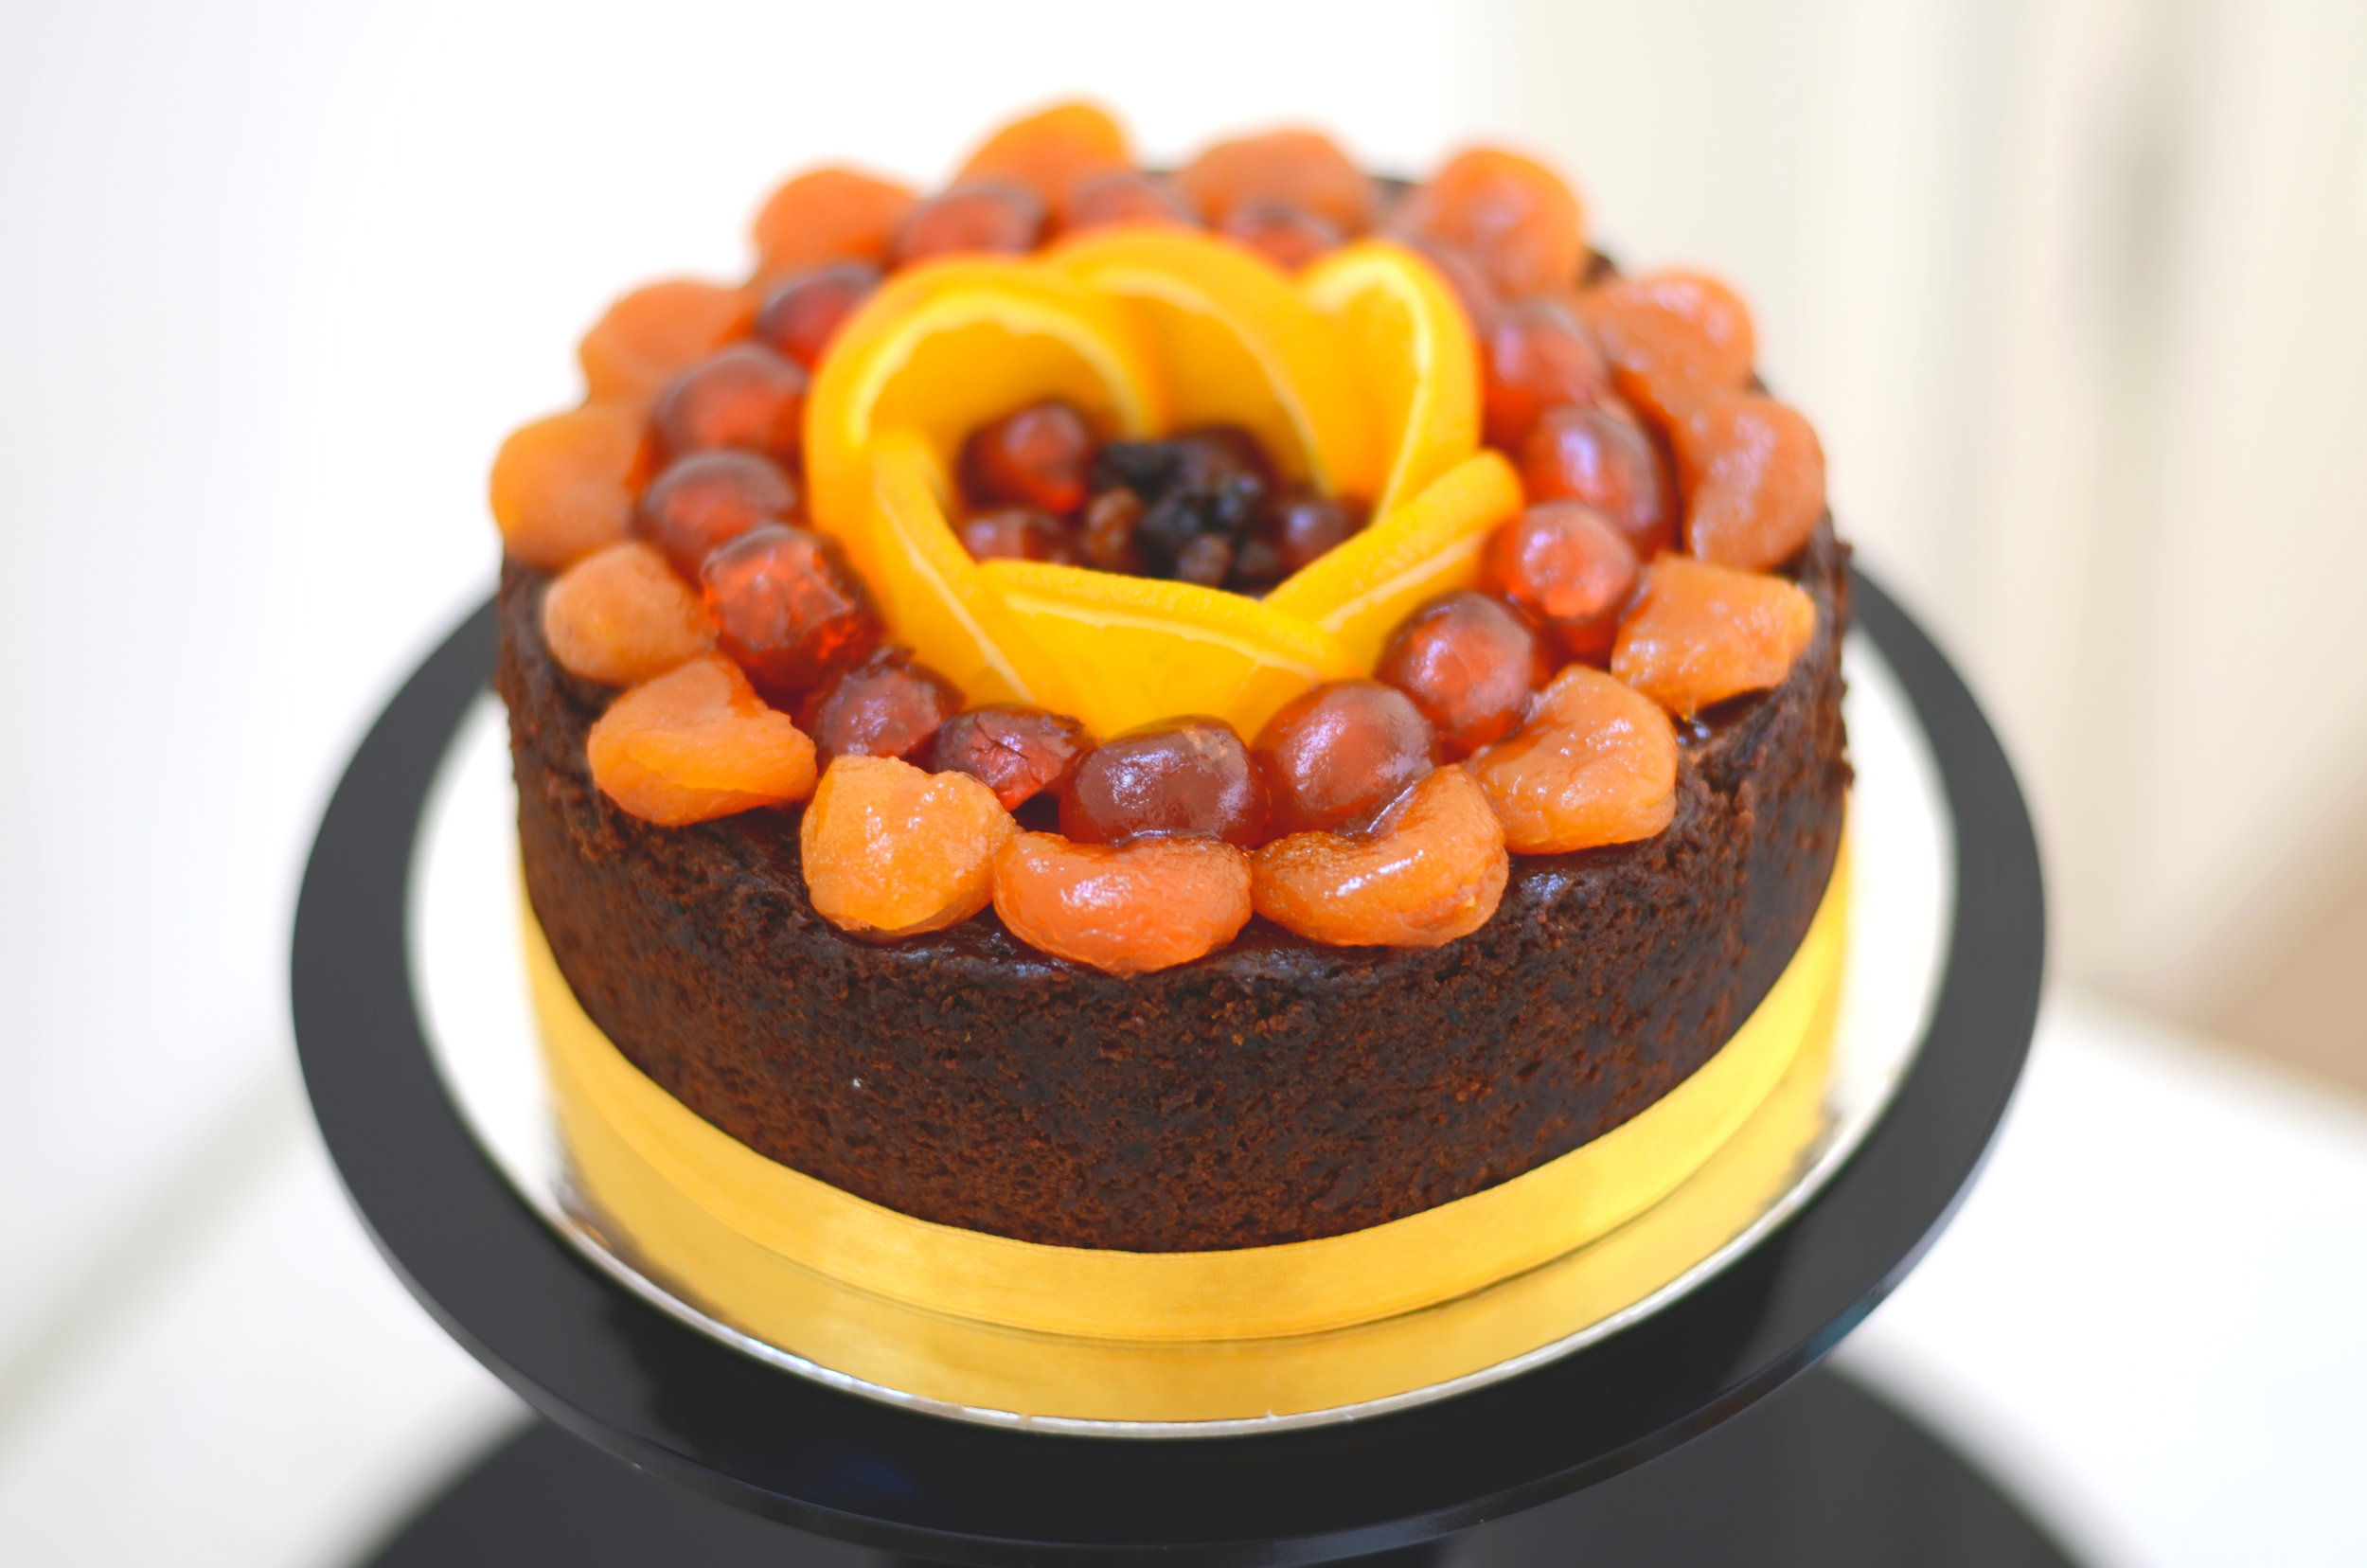 fruityrumcake.JPG